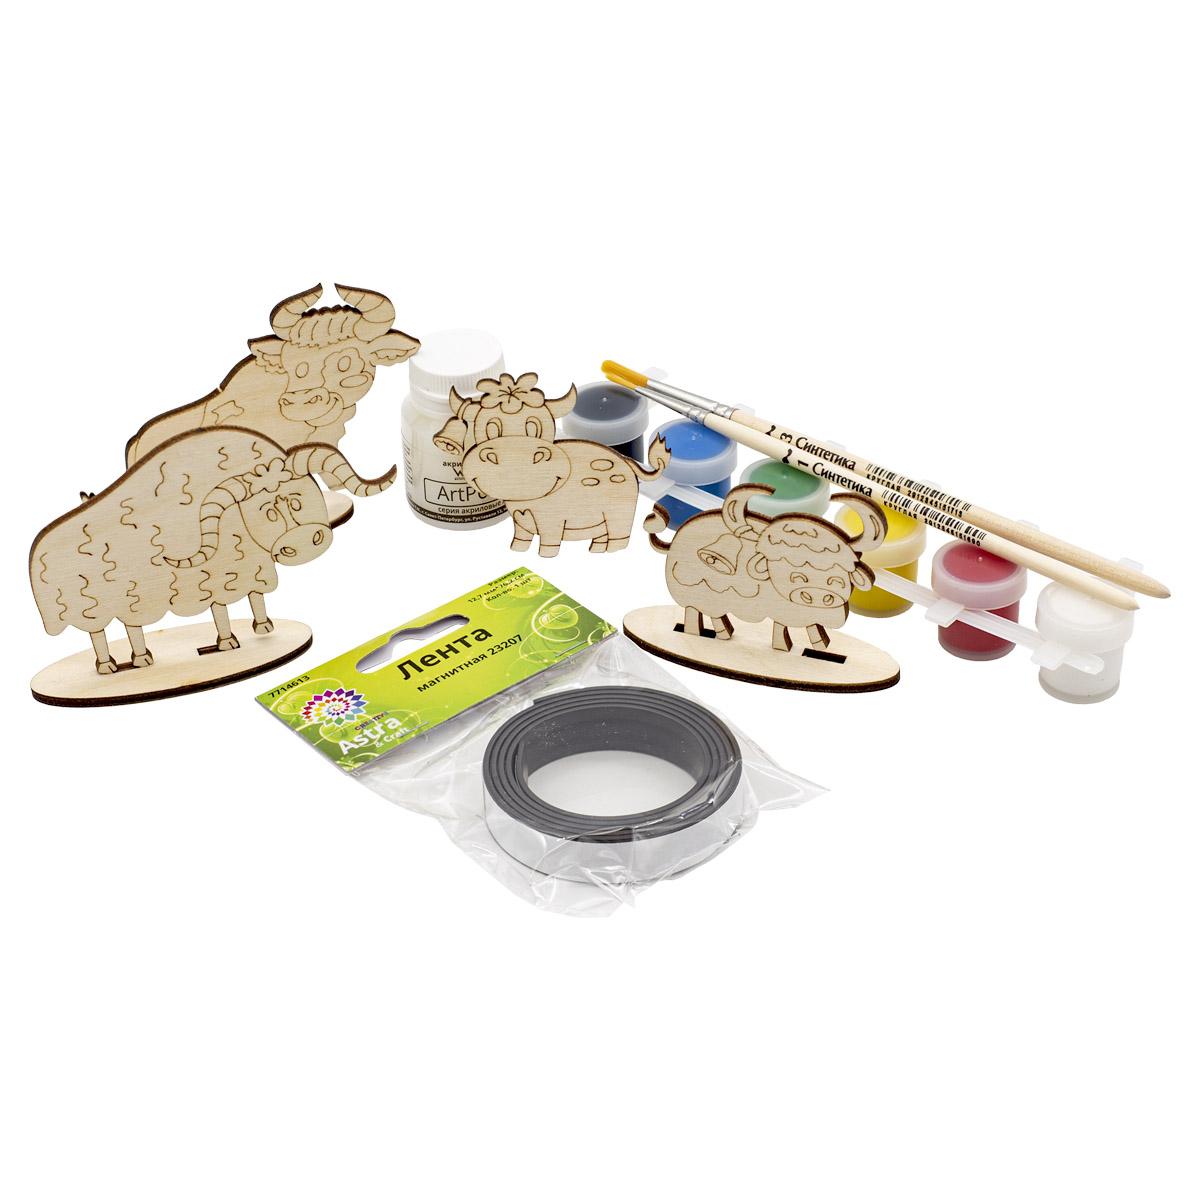 Набор для раскрашивания деревянных заготовок 'Бычки' №3, 9 предметов, Astra&Craft